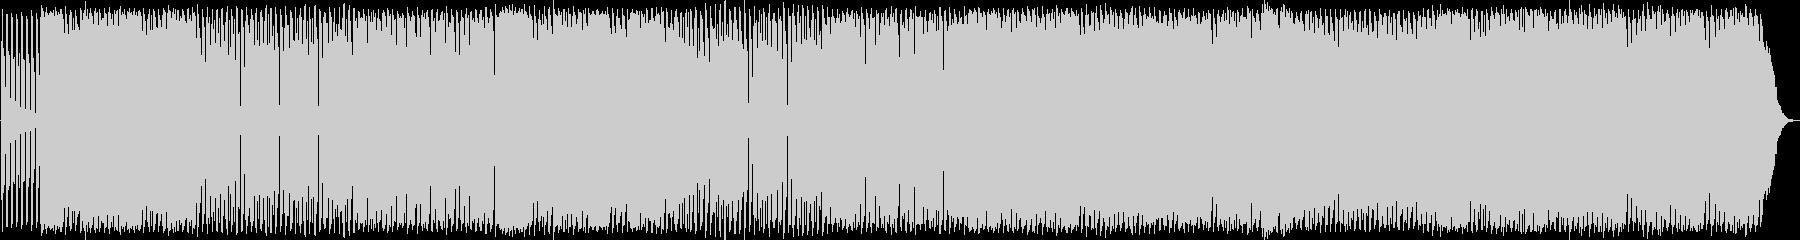 アップテンポファンキーハウスミュージックの未再生の波形